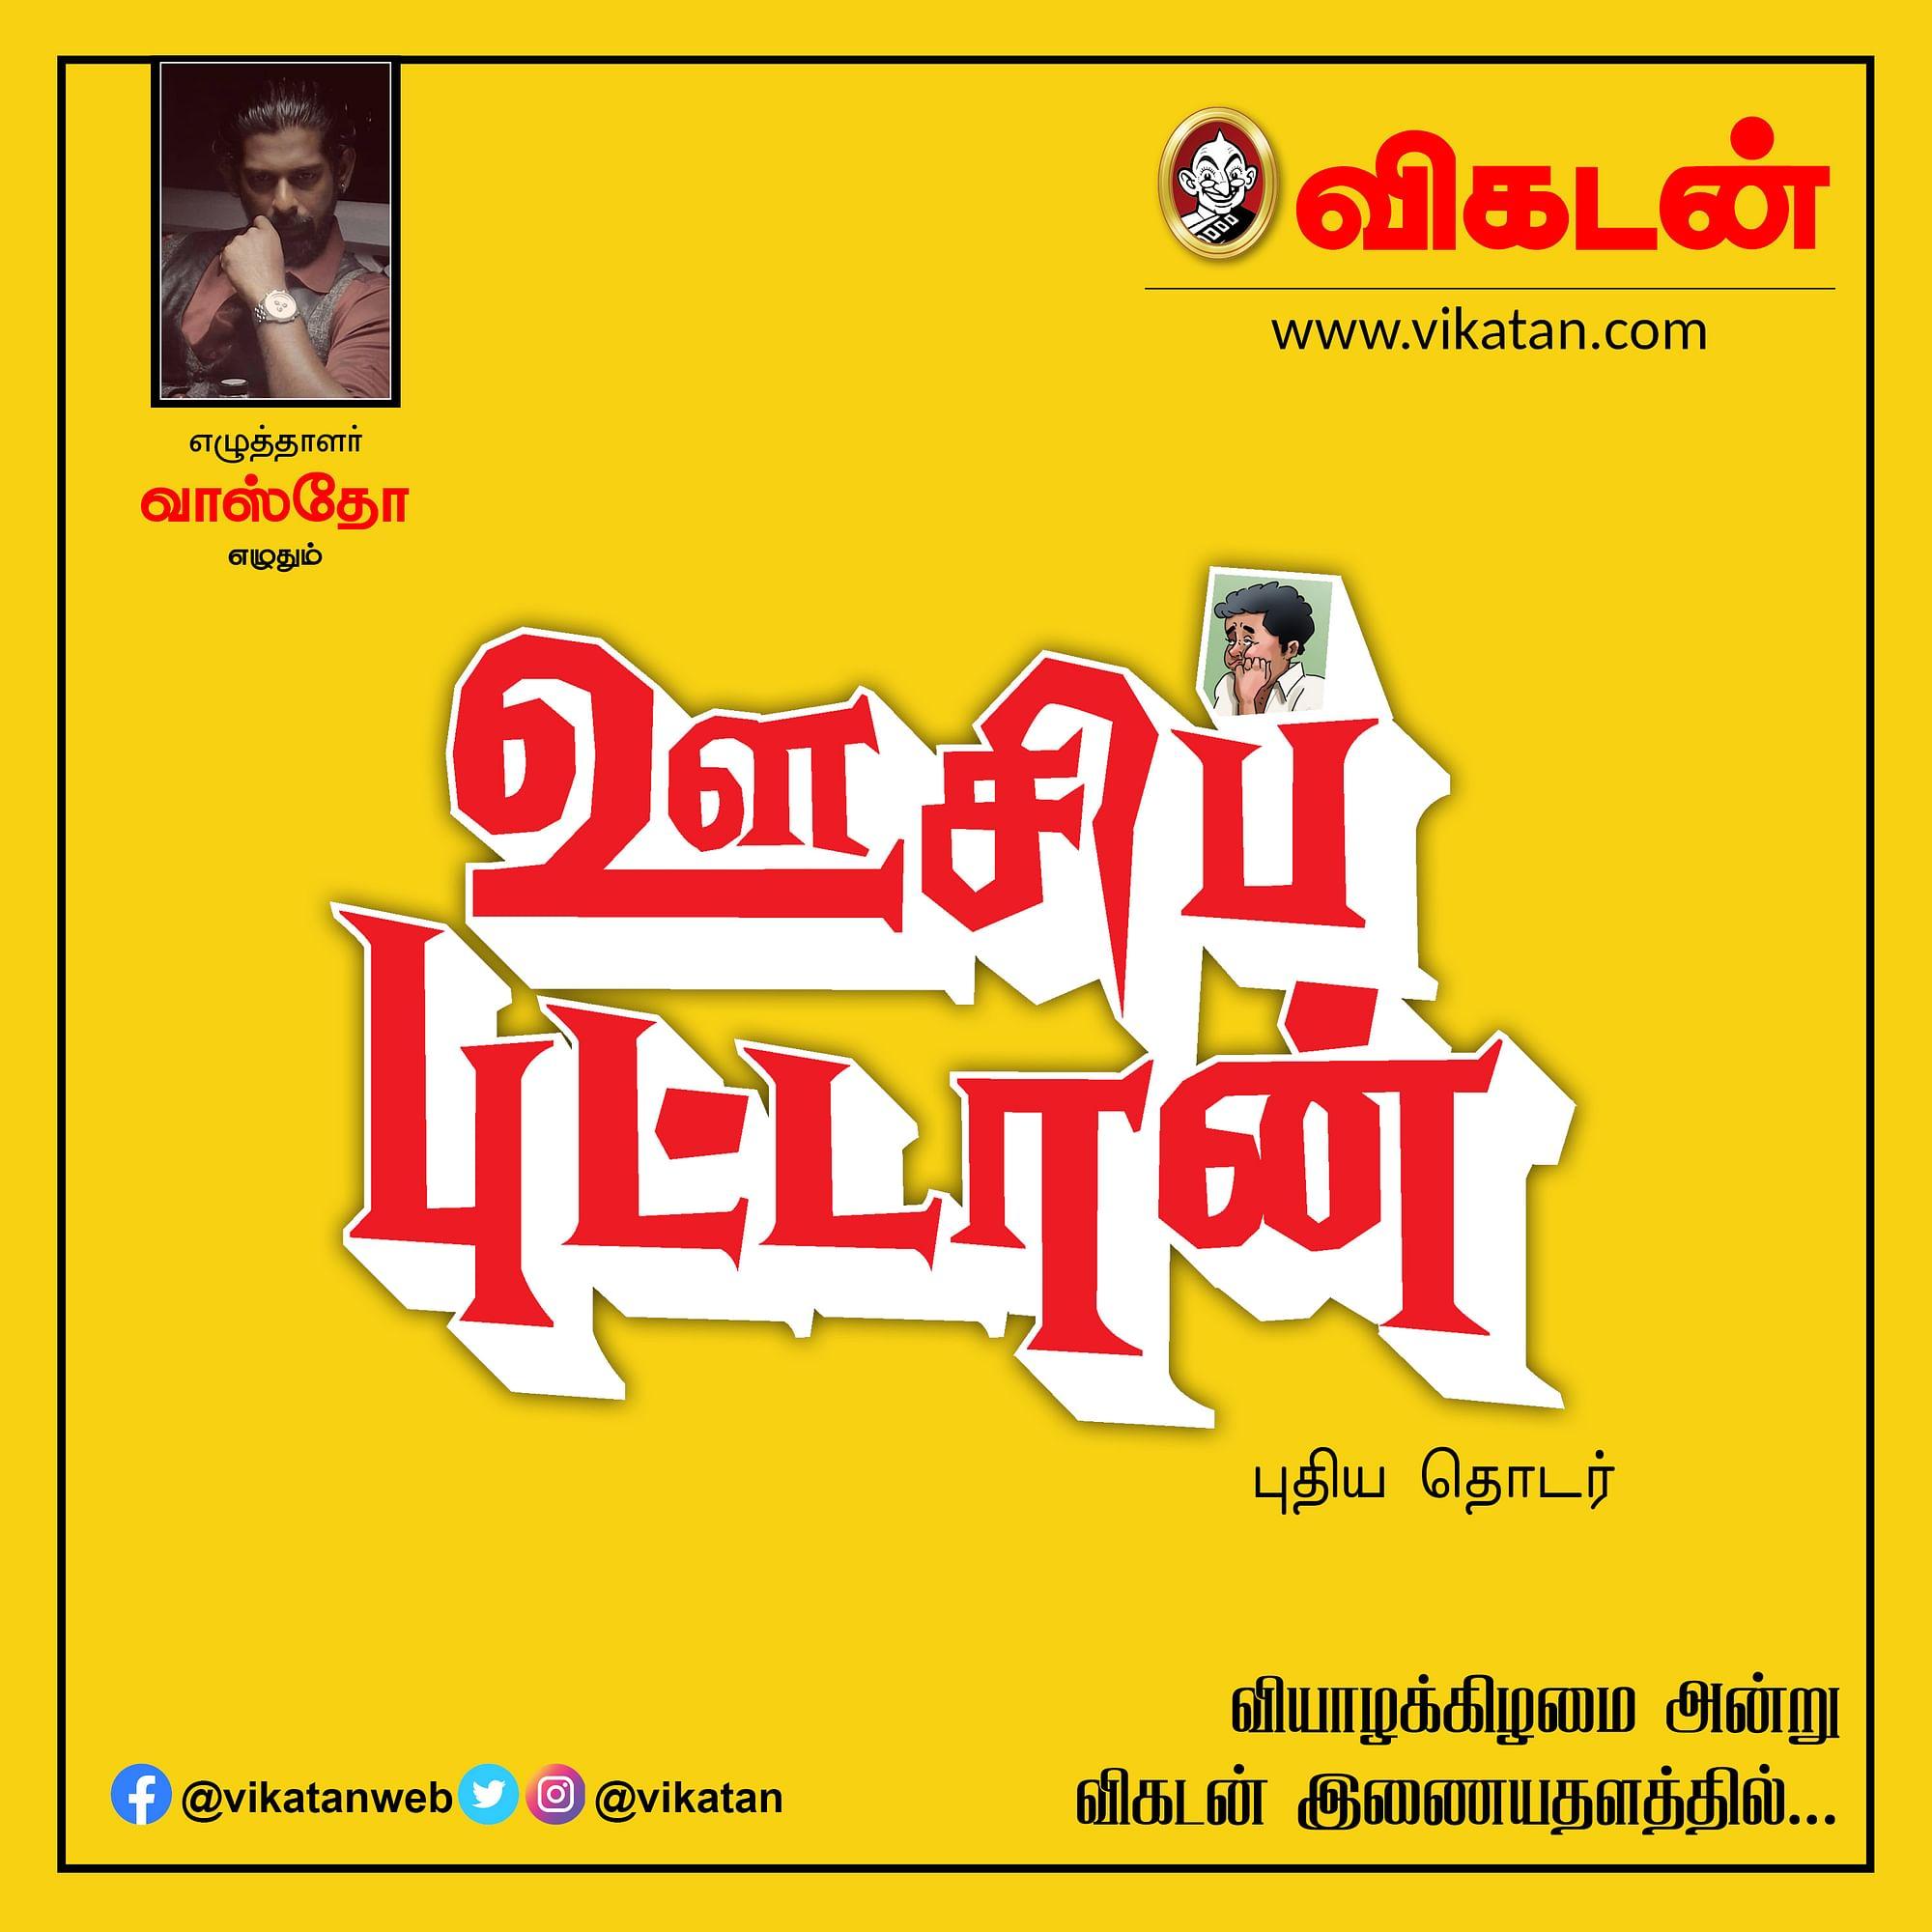 S 14 Tamil News Spot